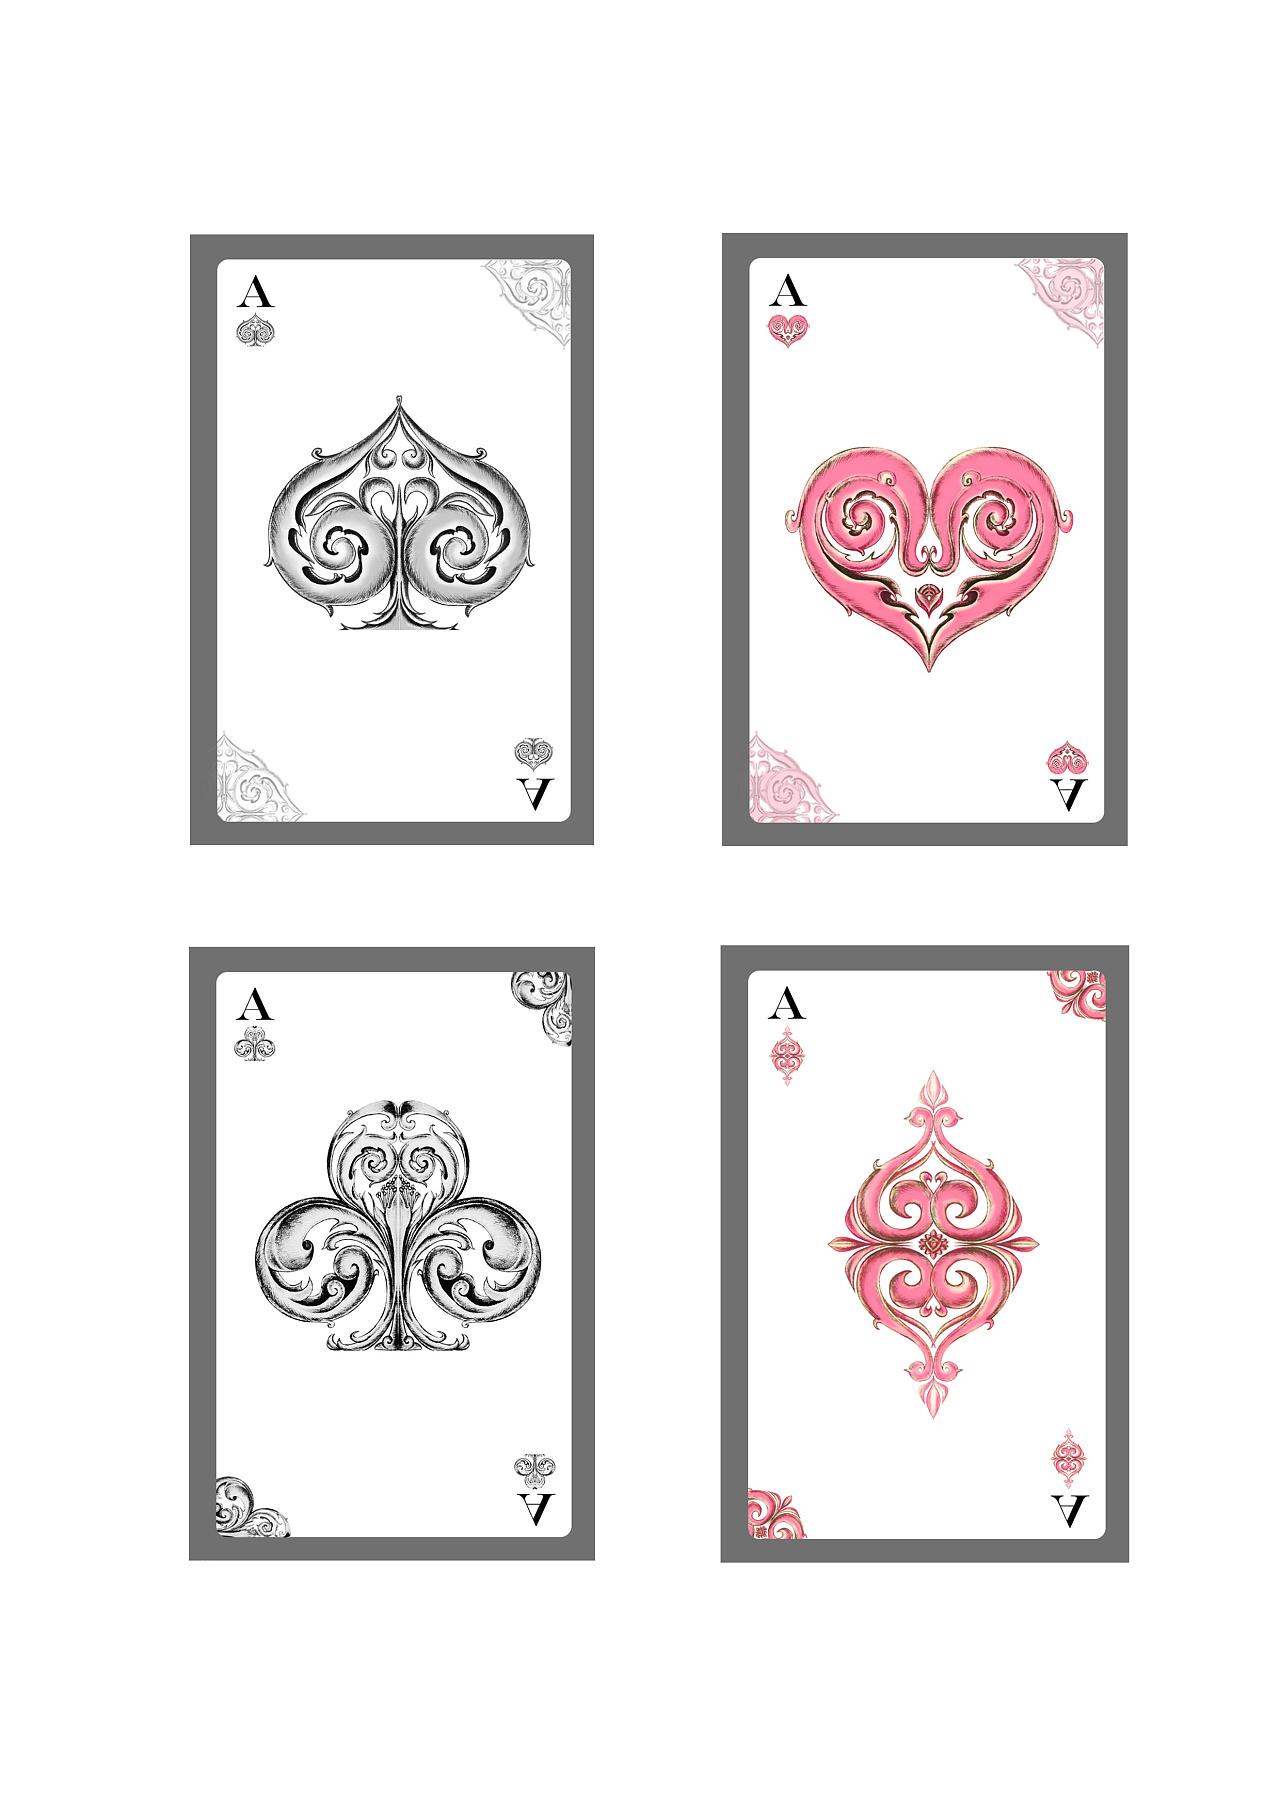 手绘植物花纹的元素设计的扑克牌纹样.